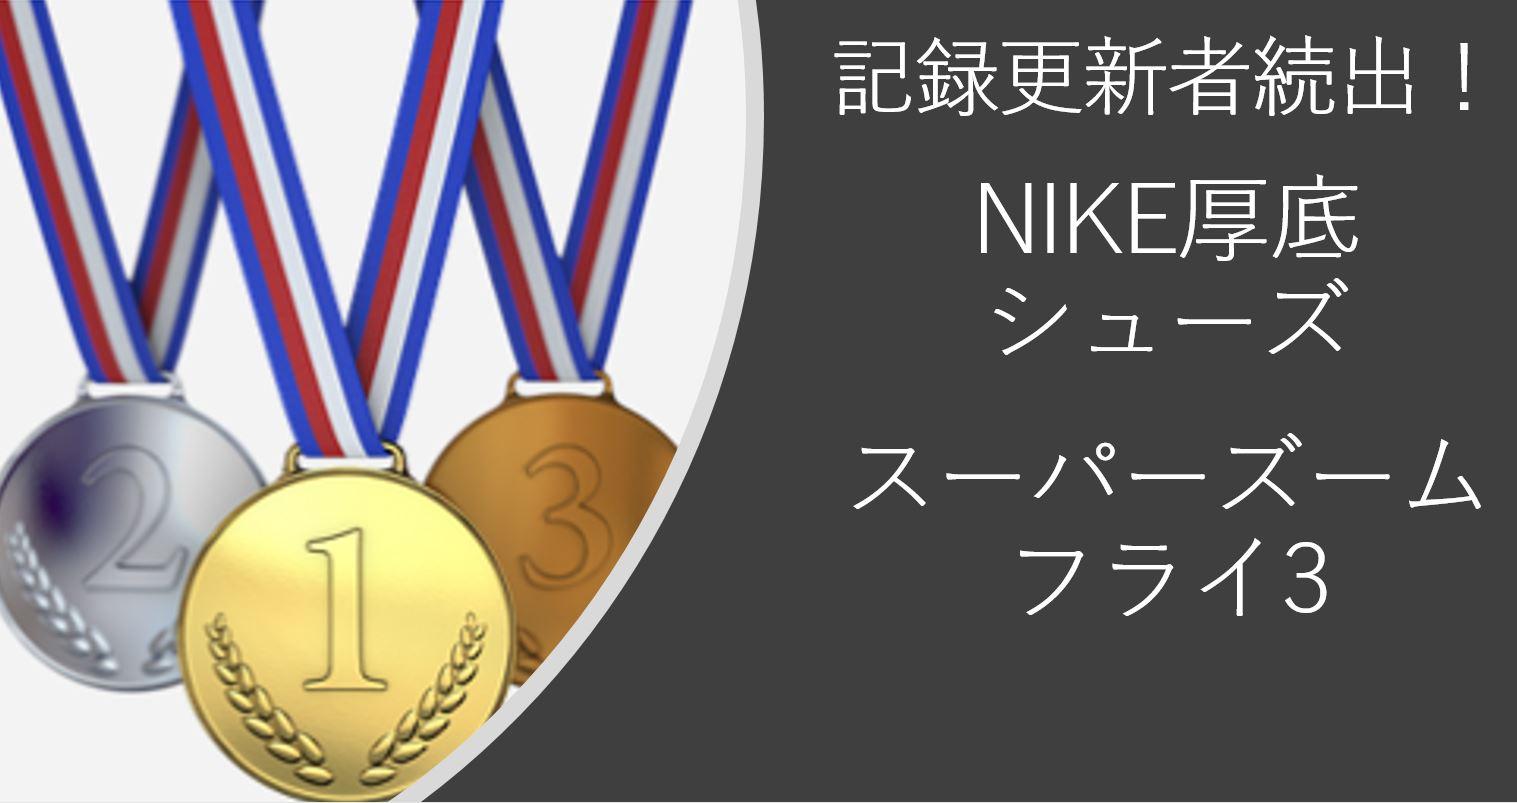 Niki-super-zoom-fly-eyecatche